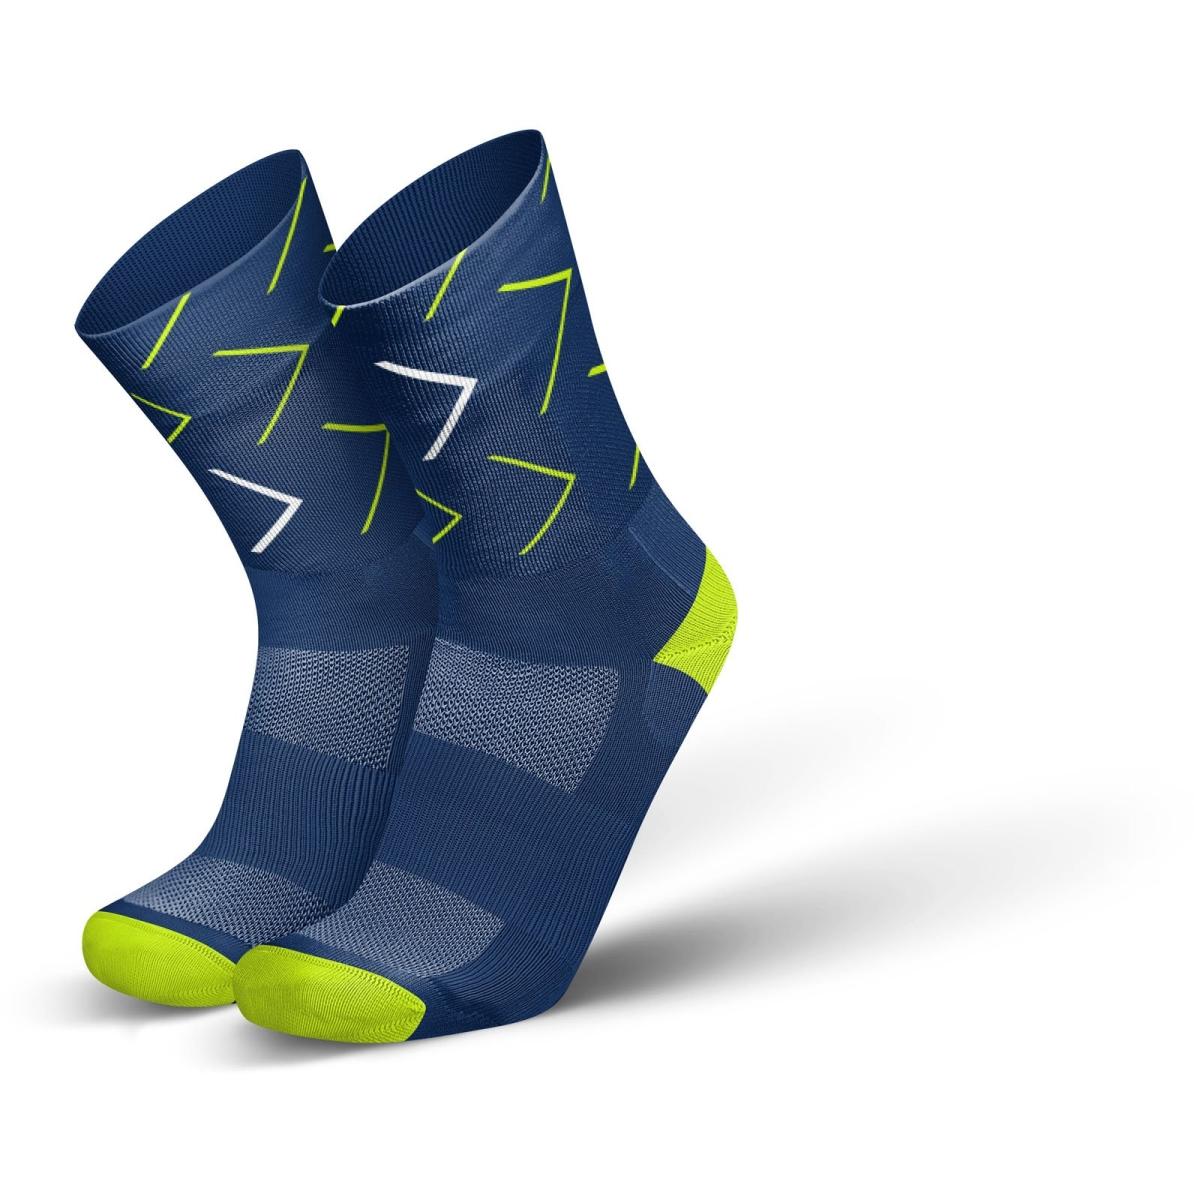 Produktbild von INCYLENCE Ultralight Forward Socken - Navy